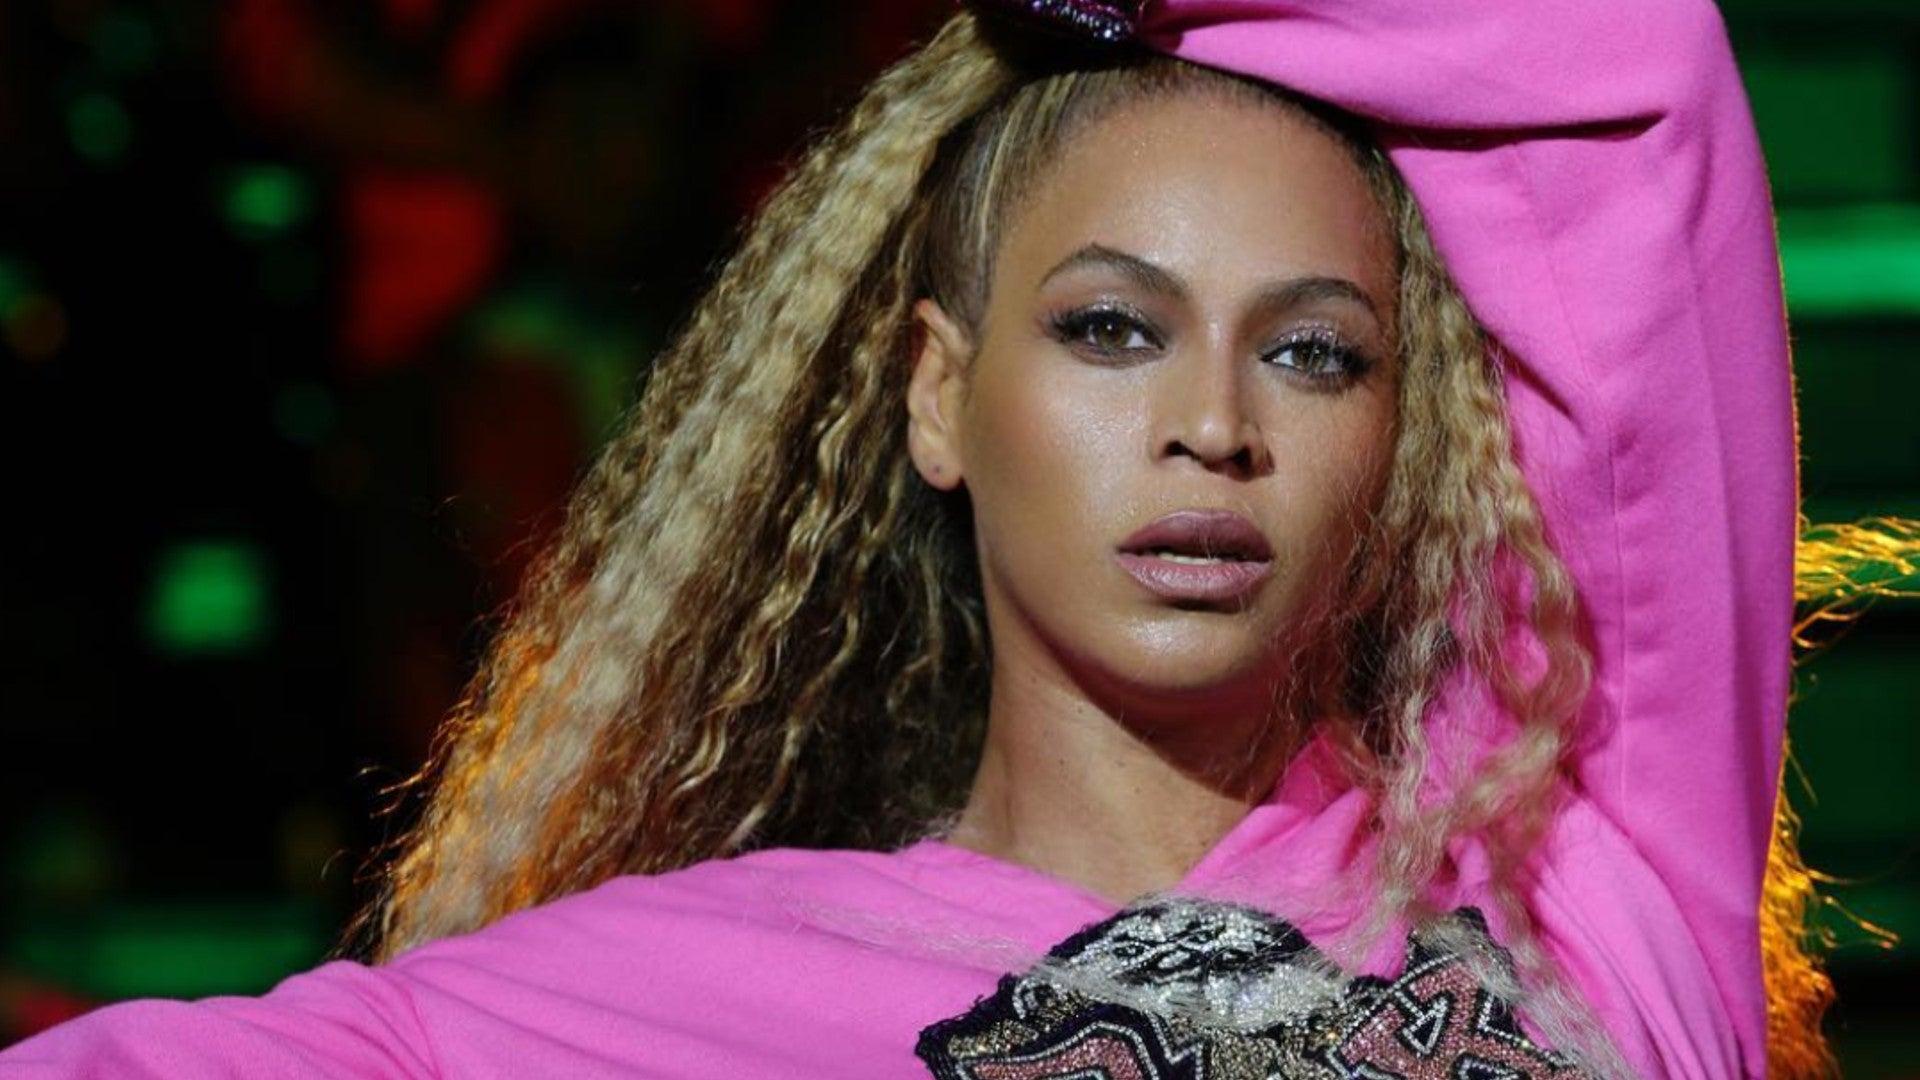 Beyoncé's Natural Hair Is 'Flawless'